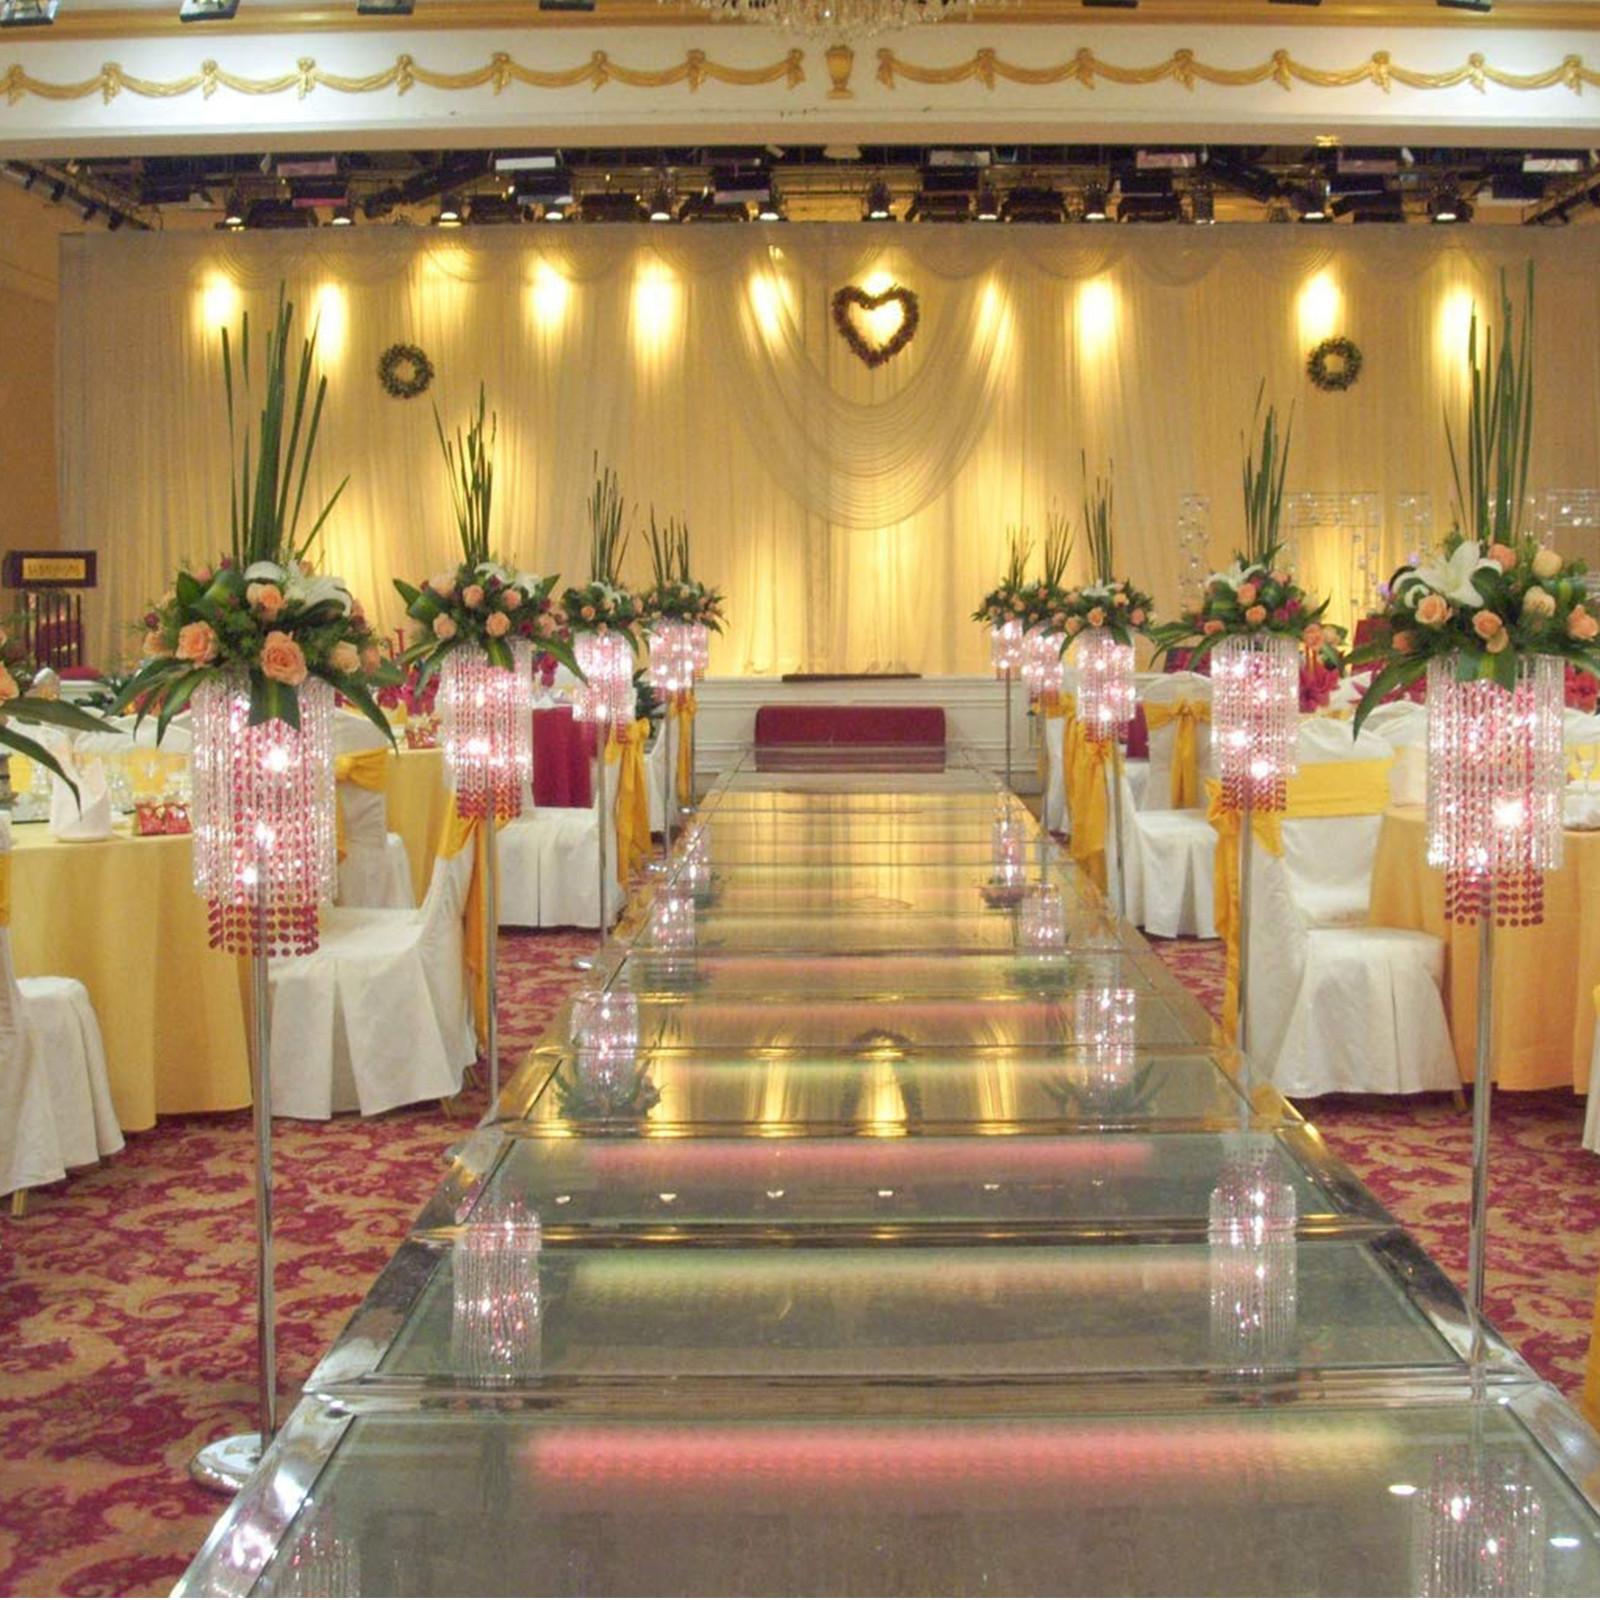 100PCS-Ruban-Noeud-de-Chaise-Housse-Echarpe-Decoration-Fete-Mariage-Restaurant miniature 120